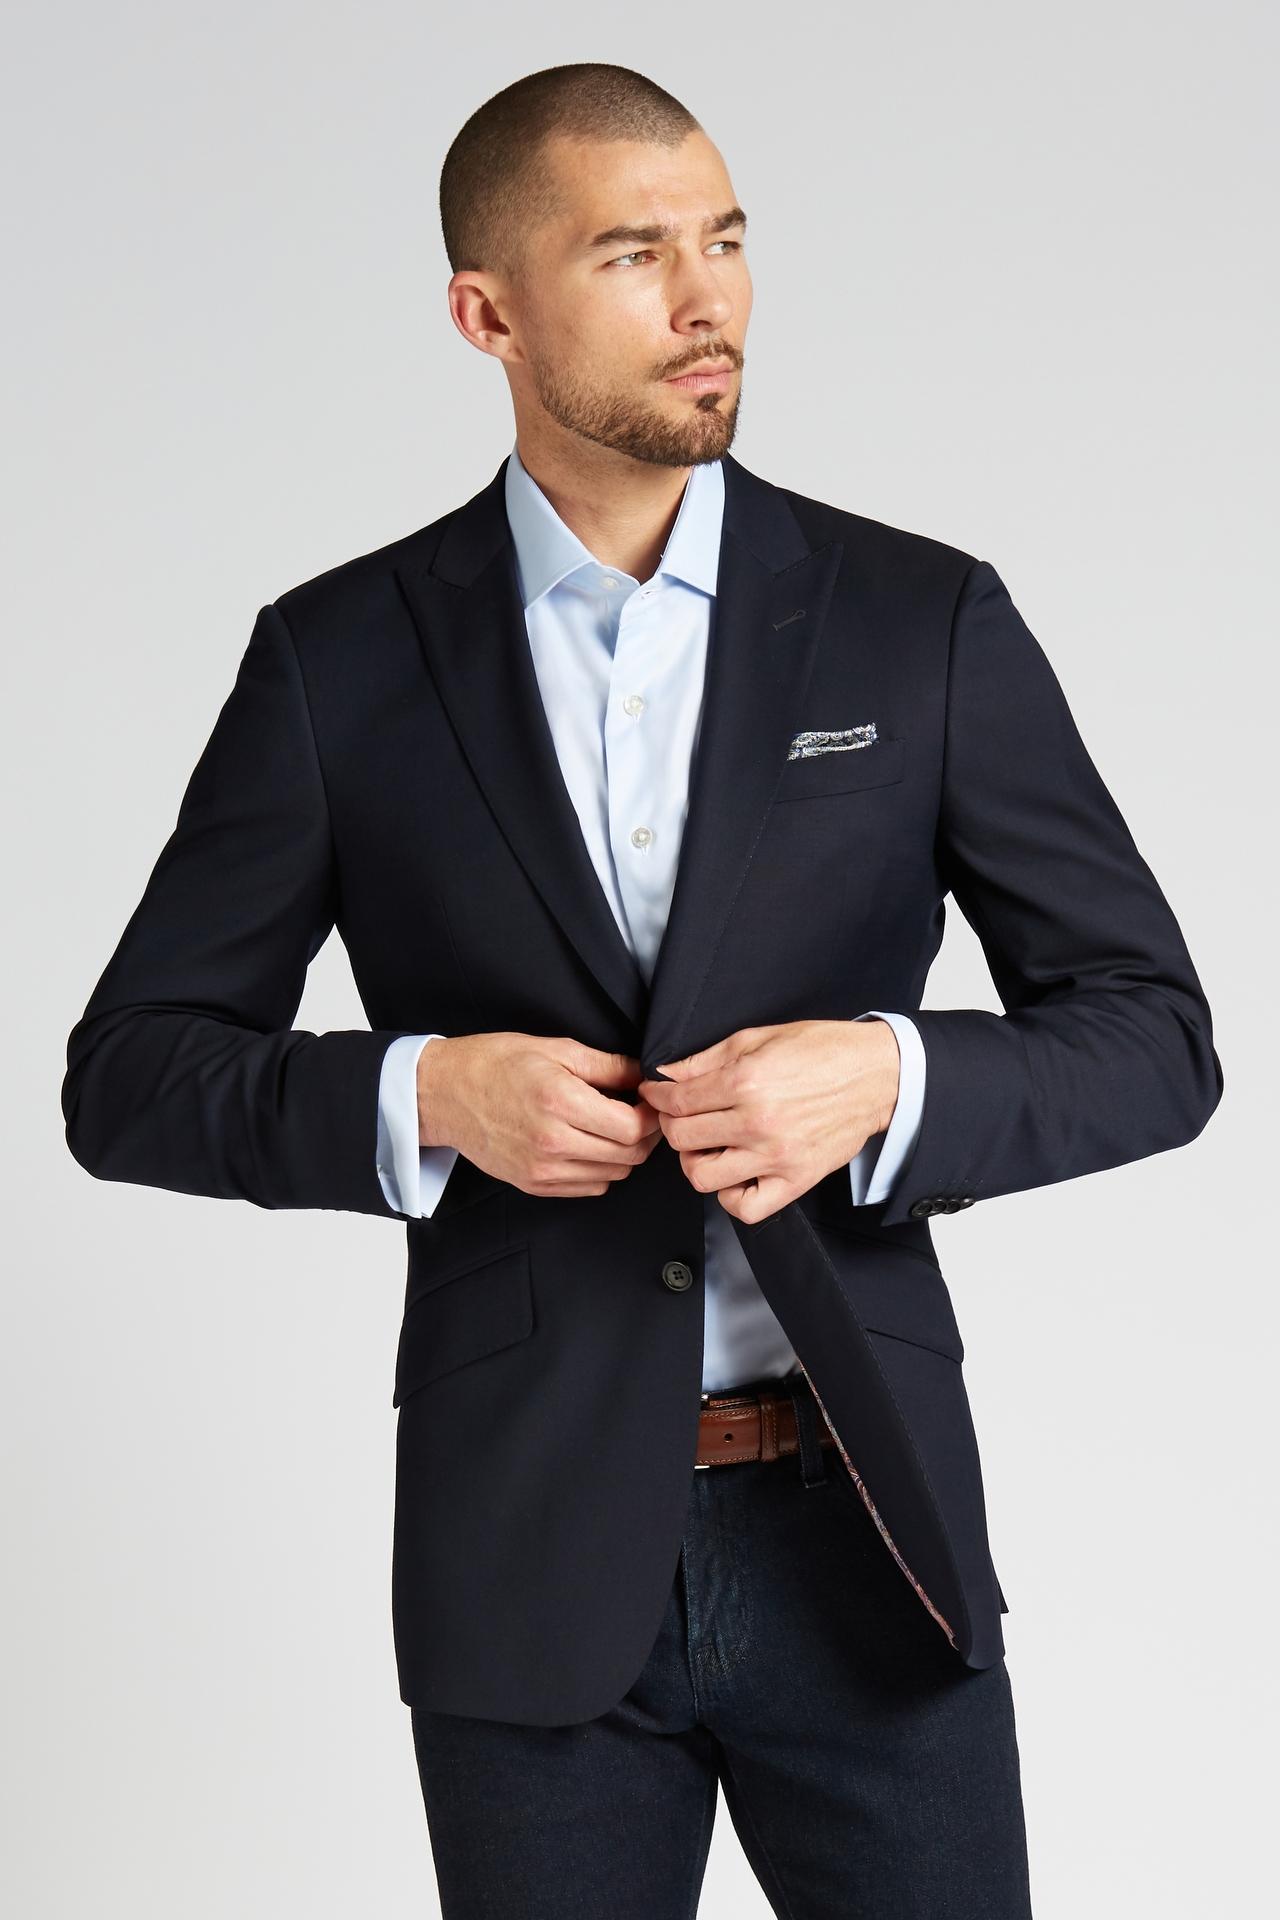 Slim-Fit 4-Season Wool Jacket in Midnight Navy